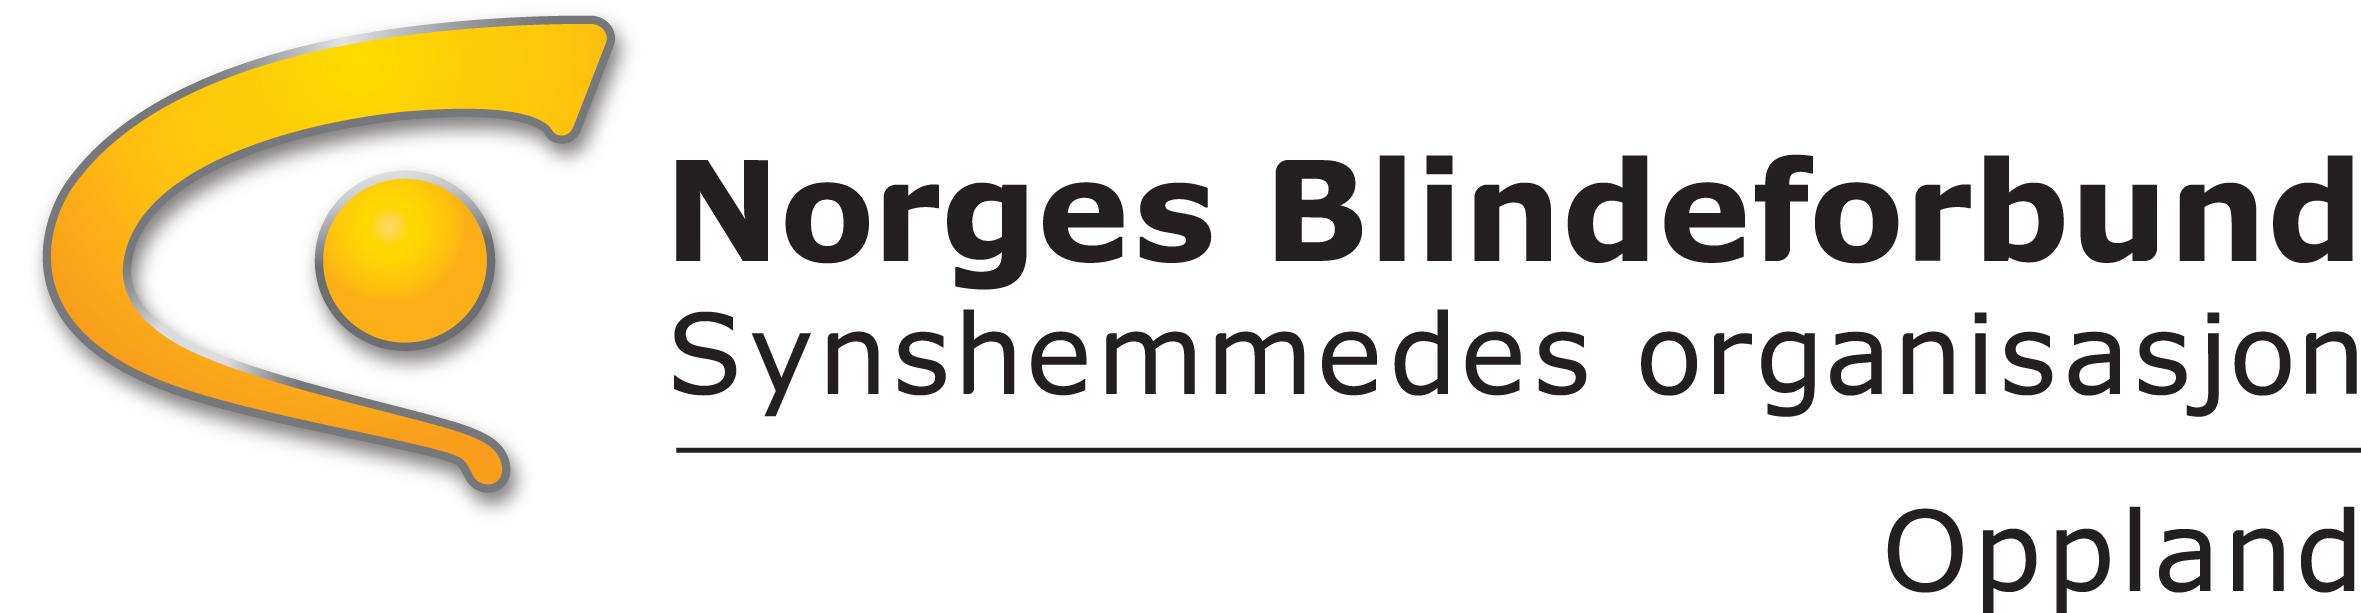 Norges Blindeforbund Opplands logo